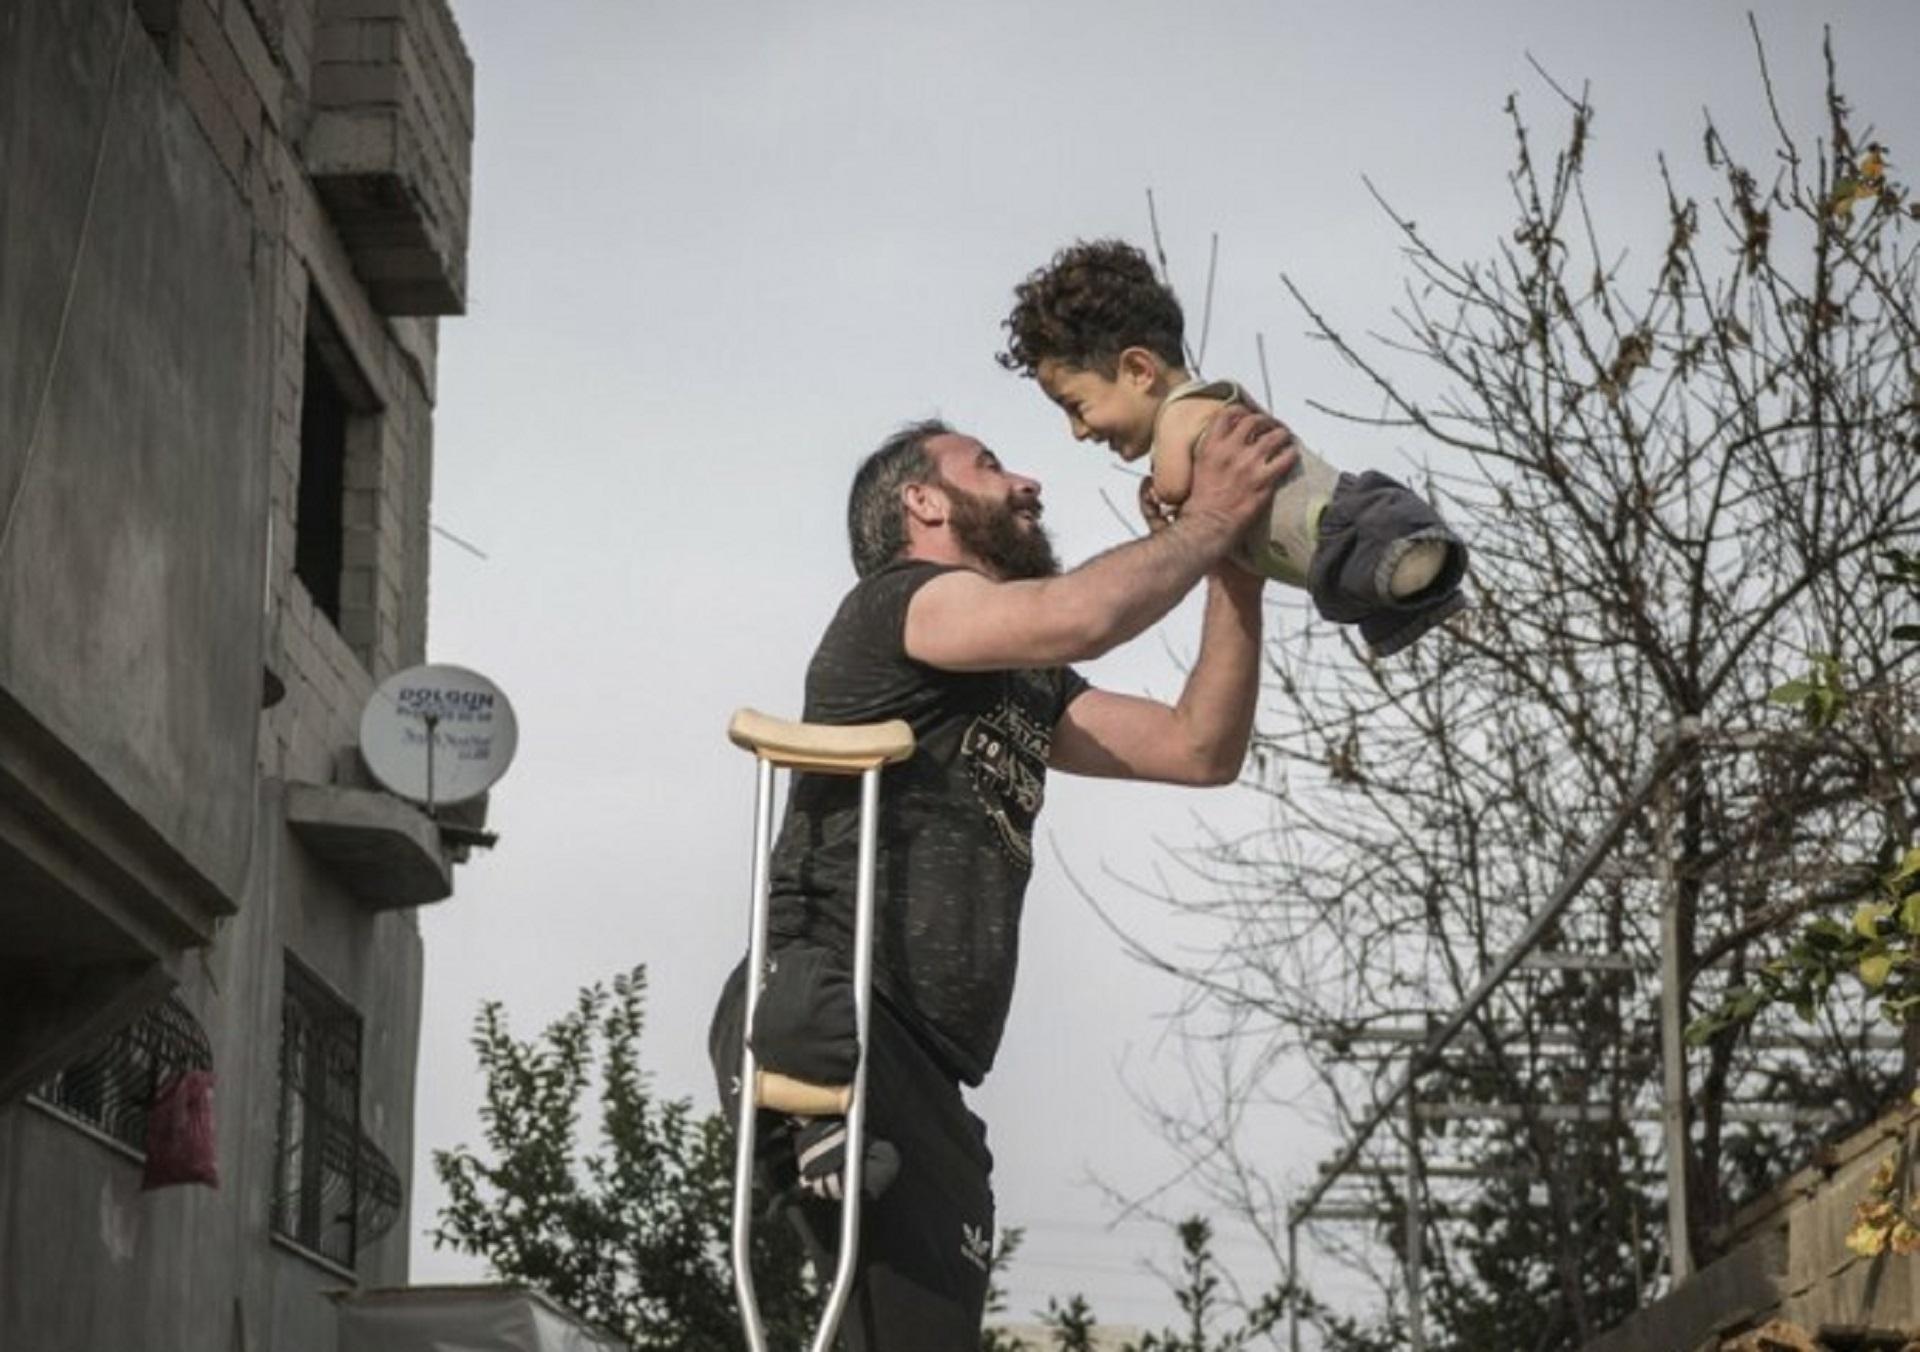 La storia dietro la foto simbolo del dramma siriano. L'Unicef: «Che risvegli le coscienze dei leader mondiali»